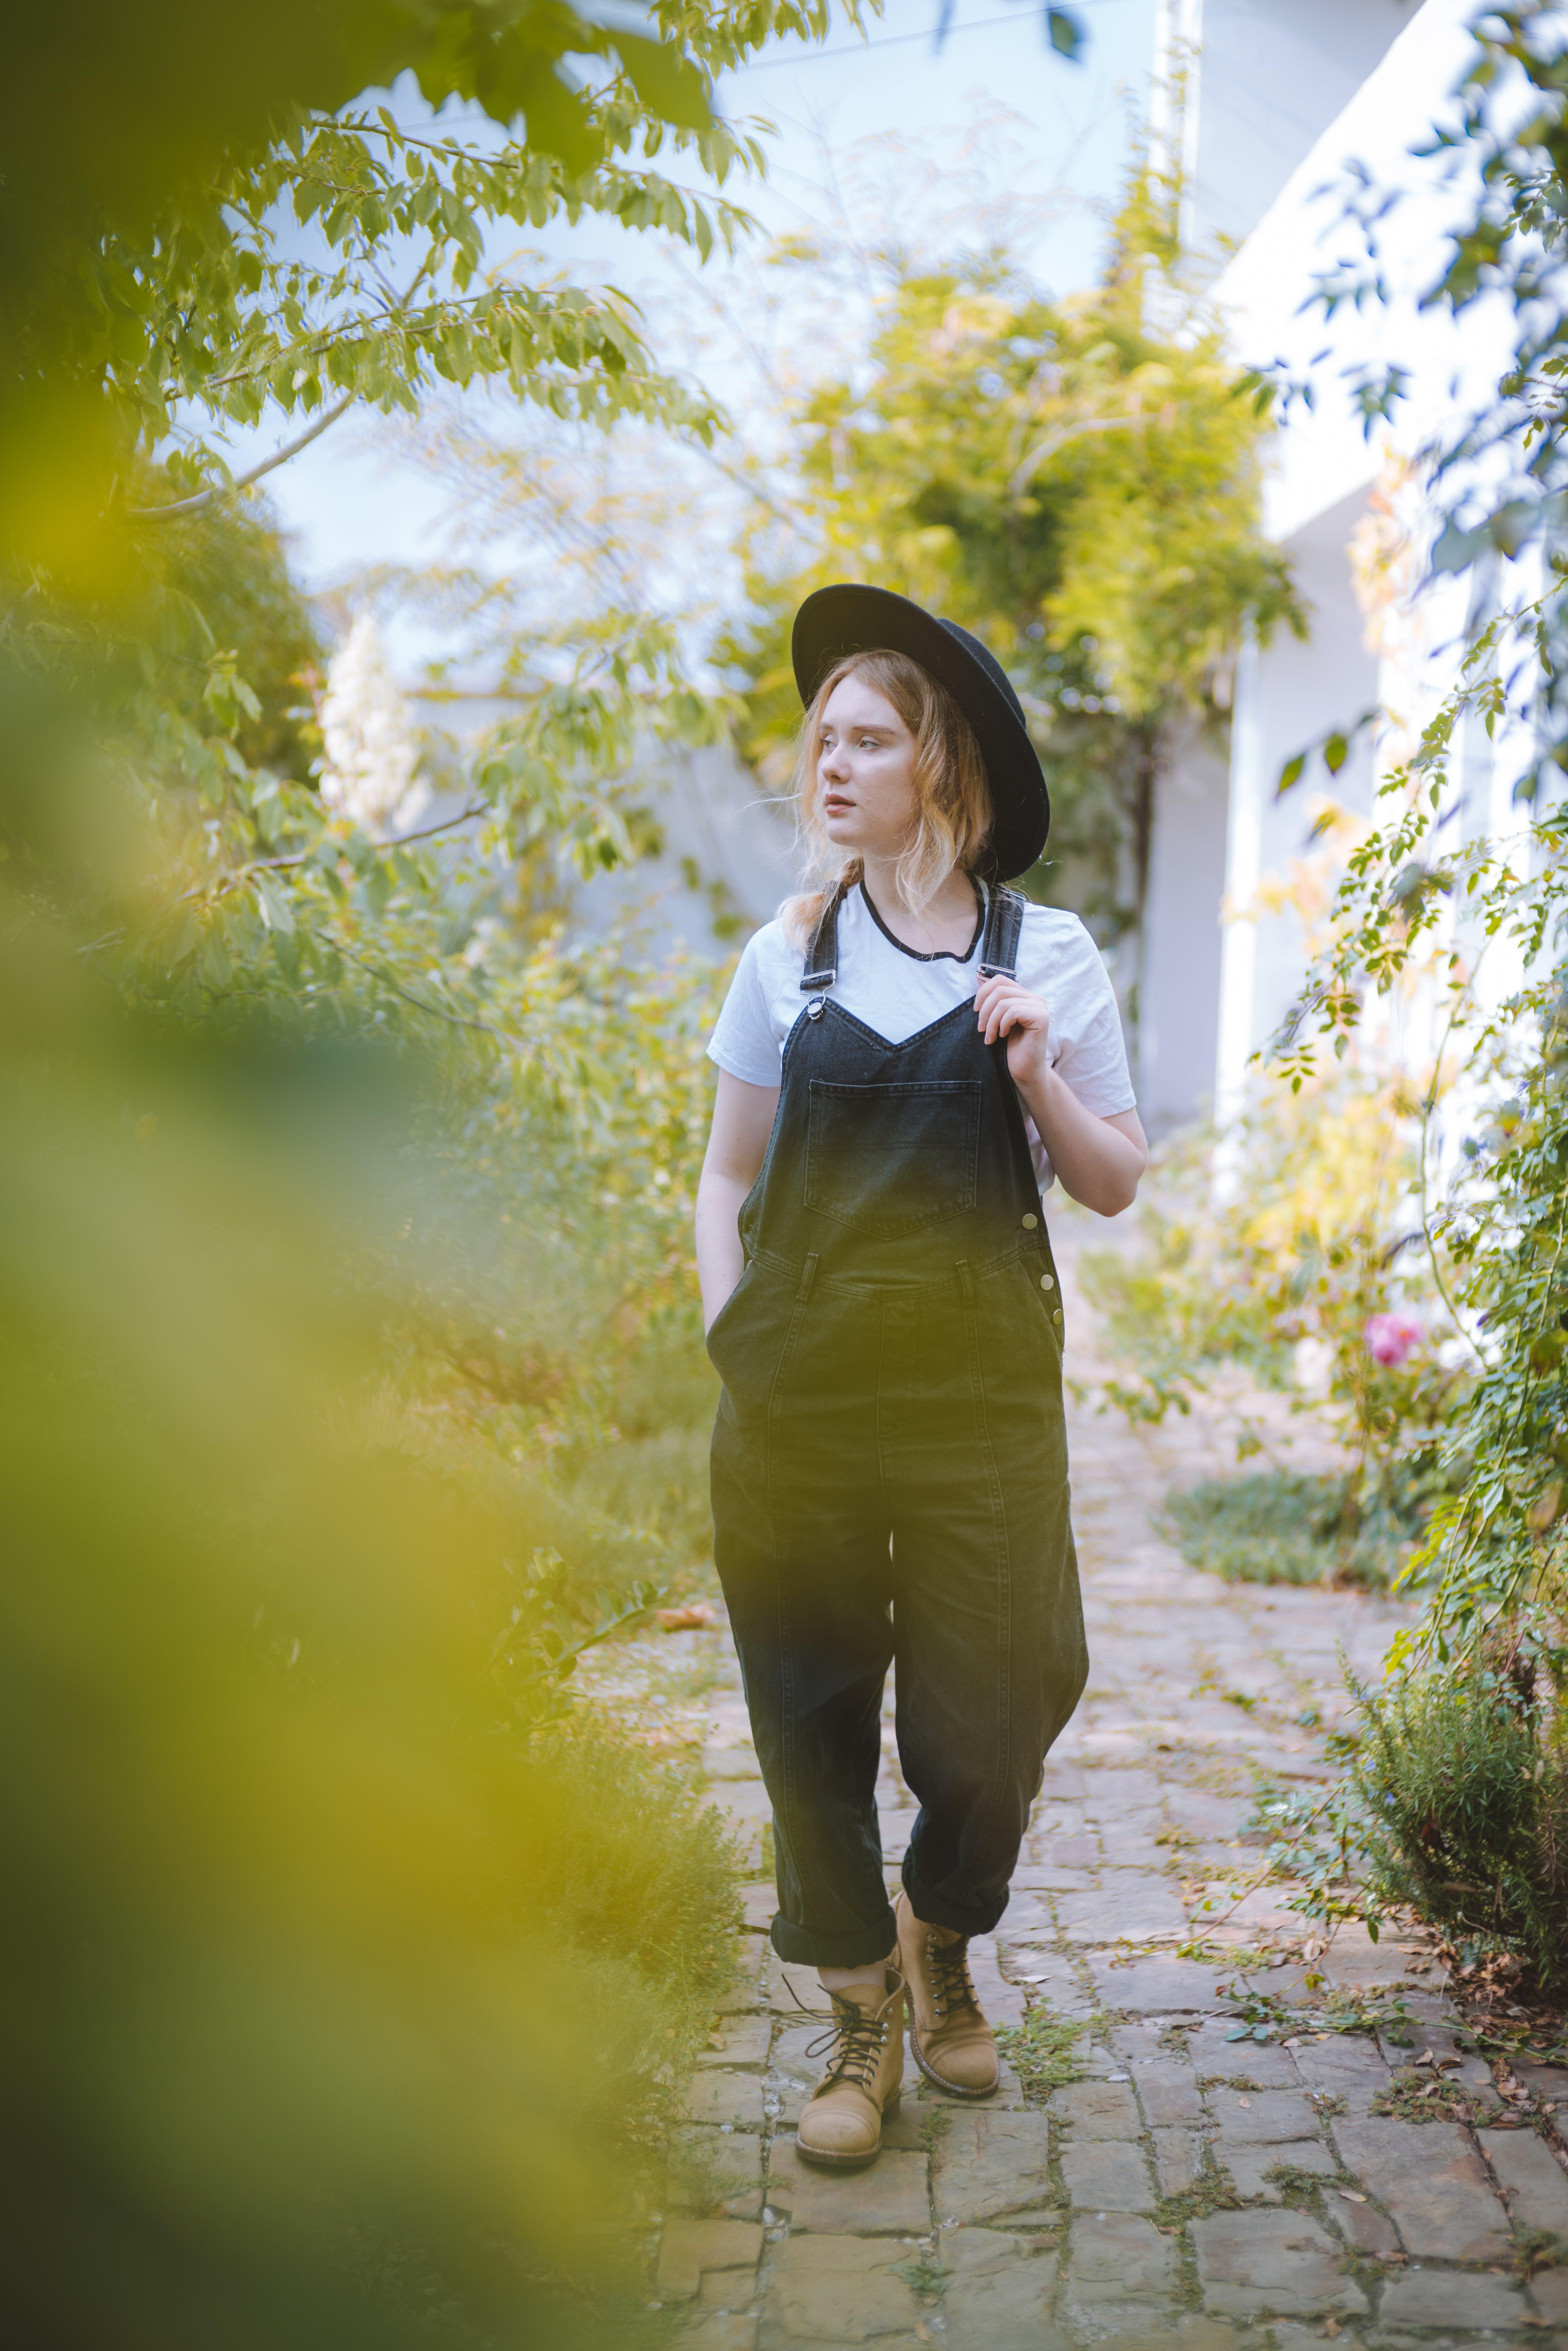 Woman Walking At Garden